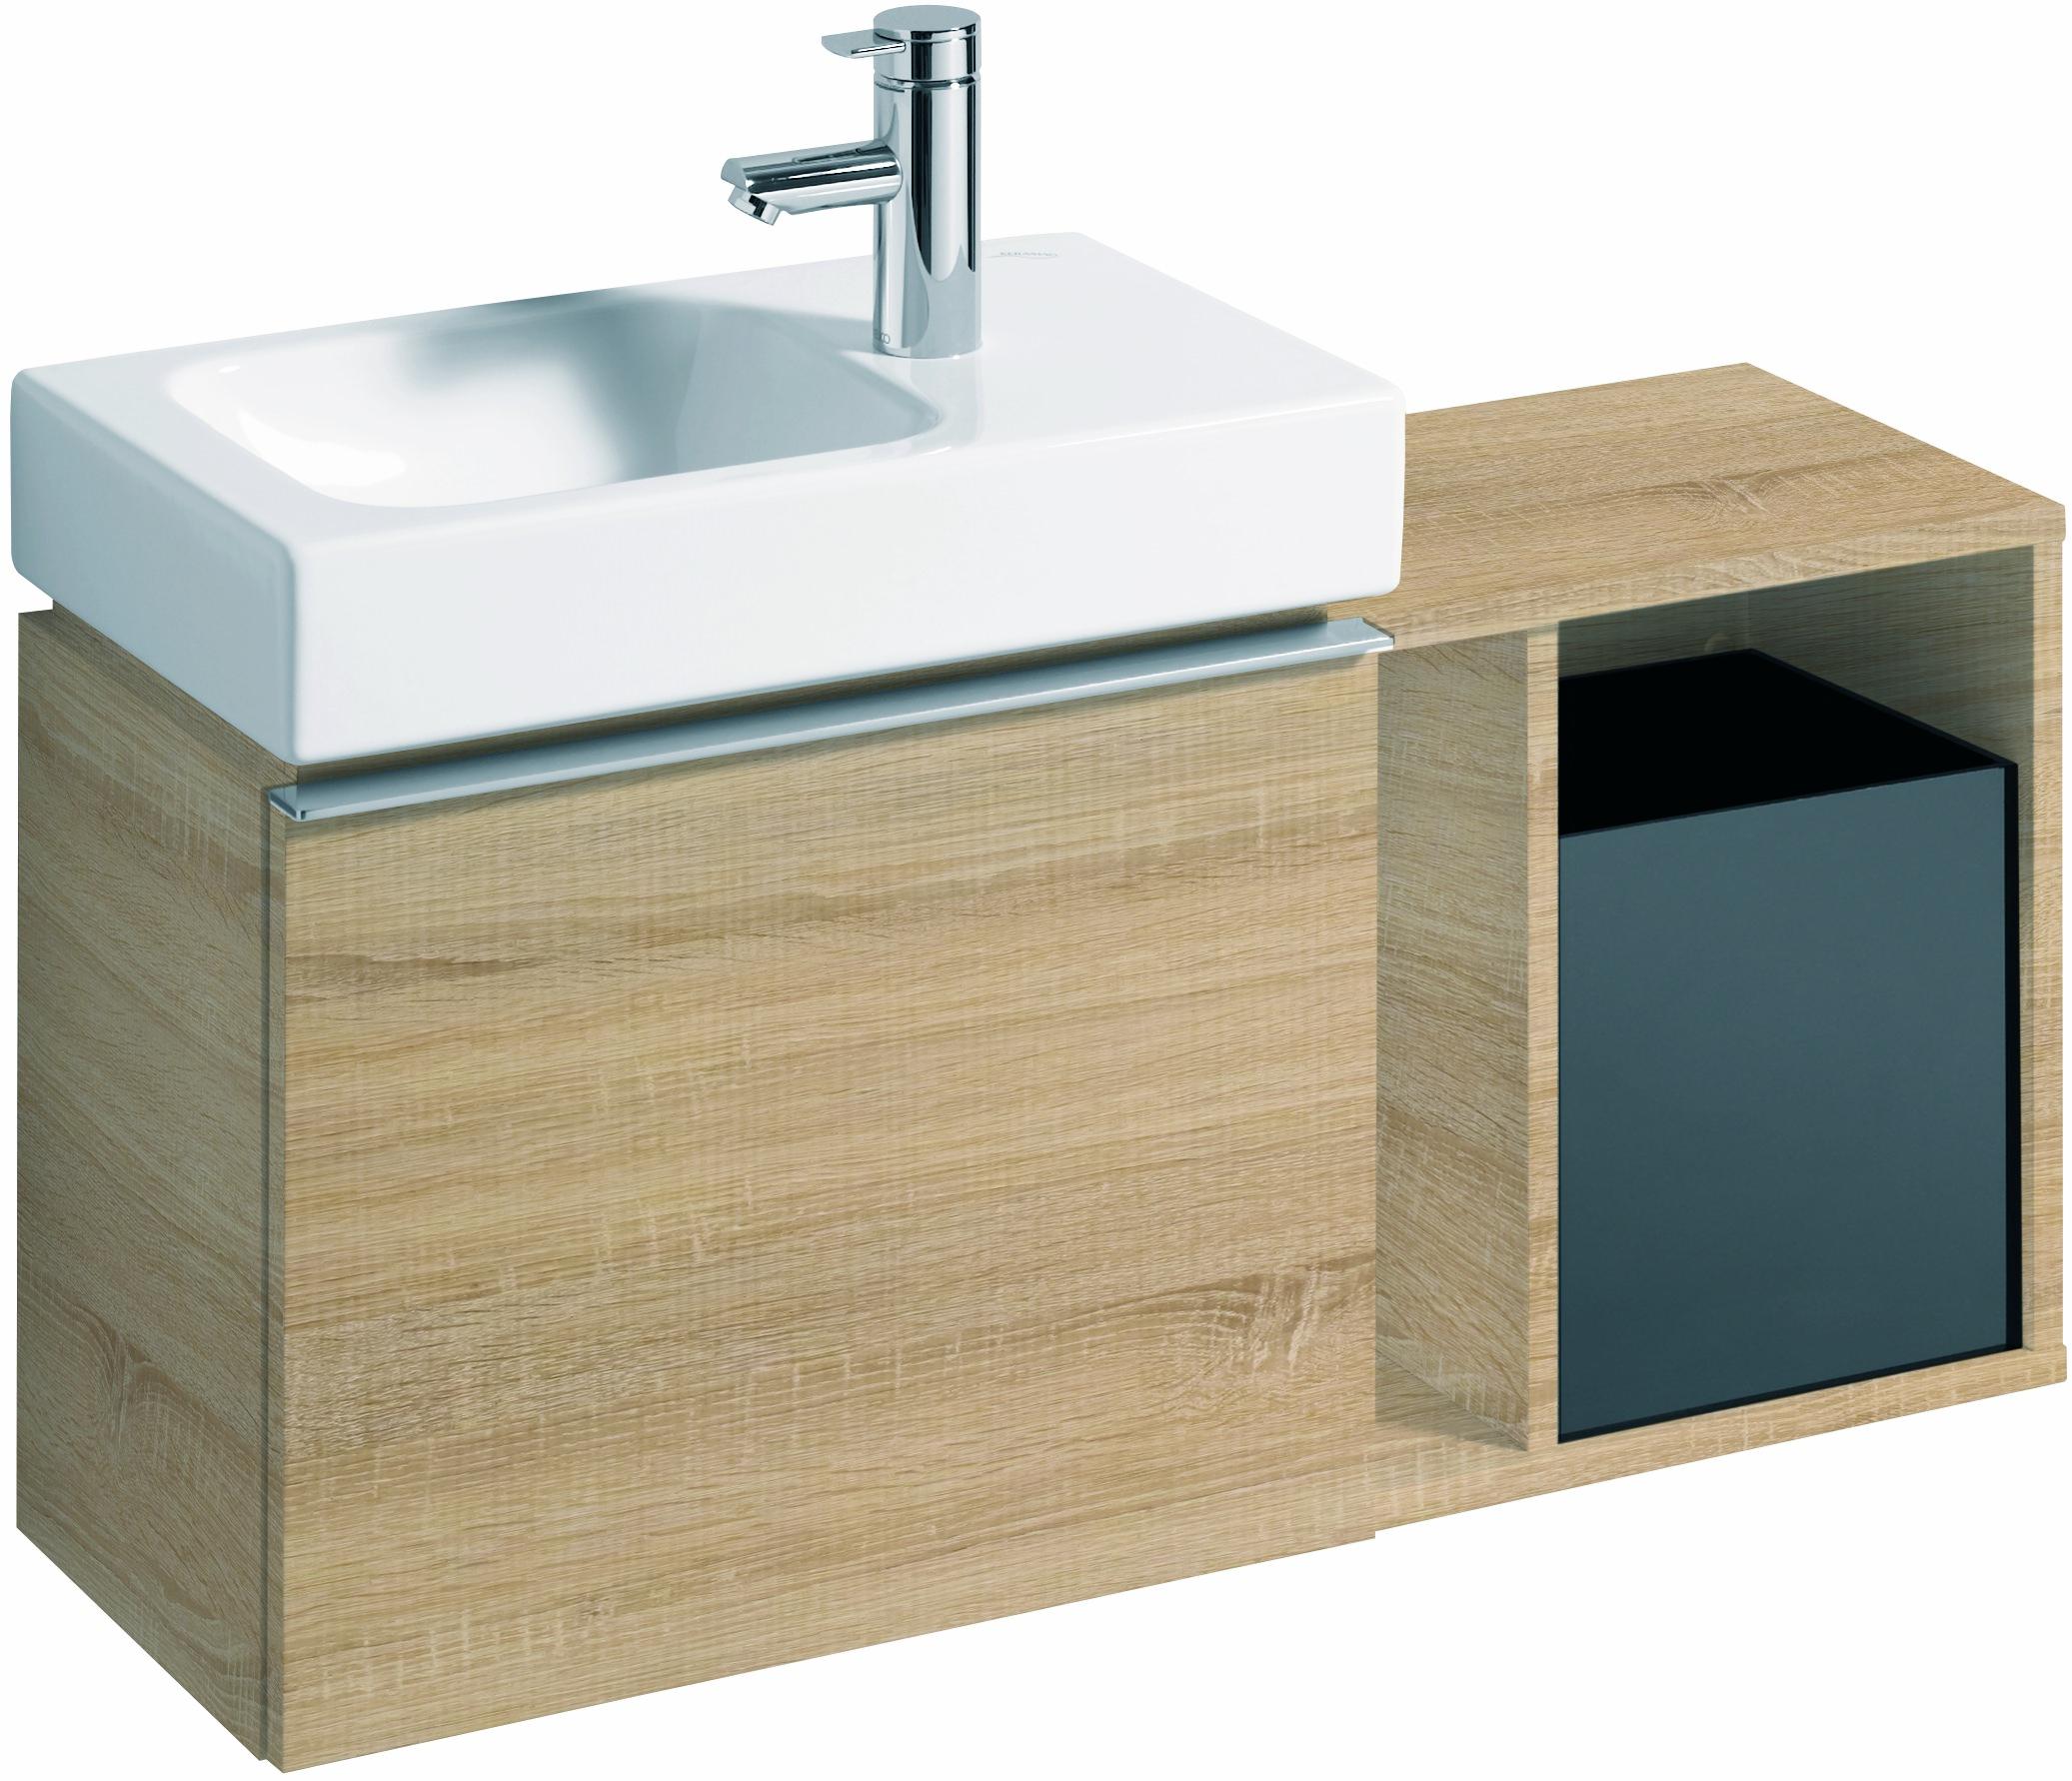 keramag icon xs seitenelement 370x400x273mm holzstruktur eiche natur 841239000. Black Bedroom Furniture Sets. Home Design Ideas